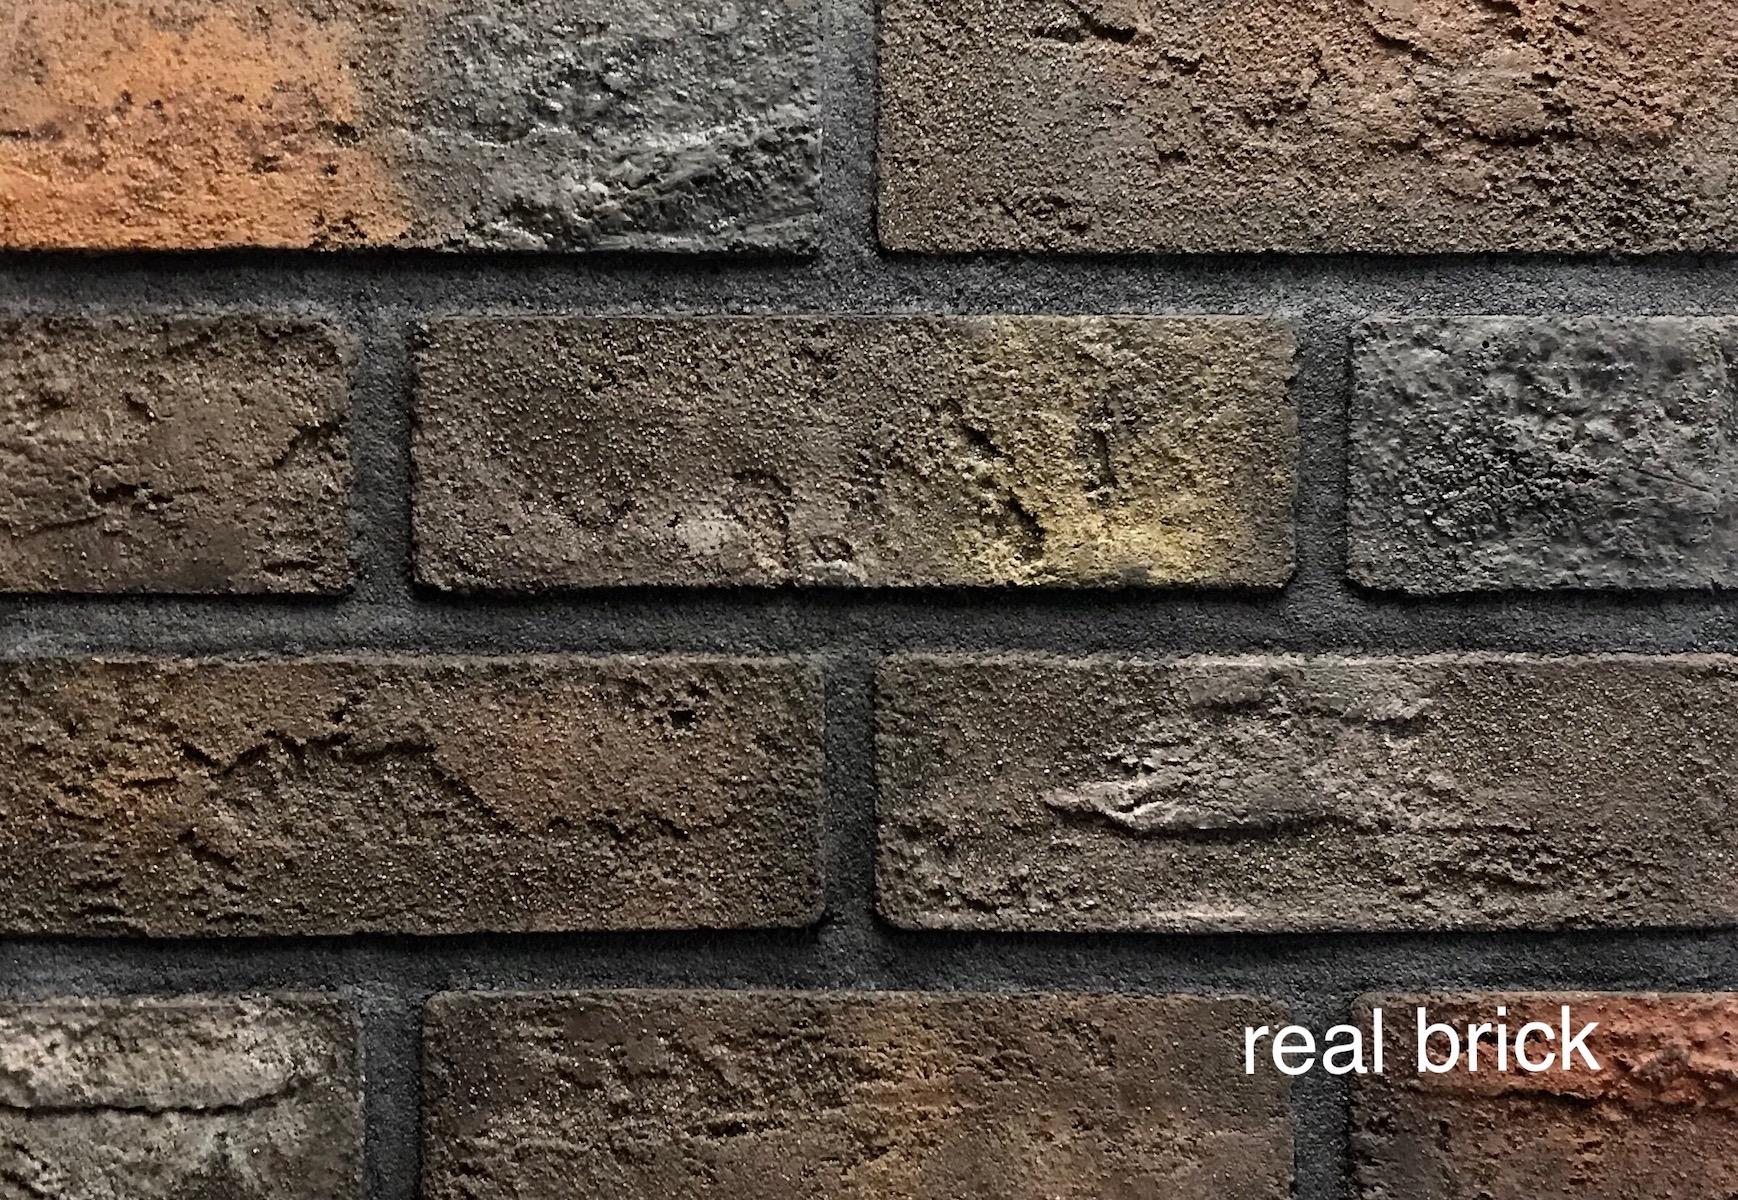 Real brick 9 kantri